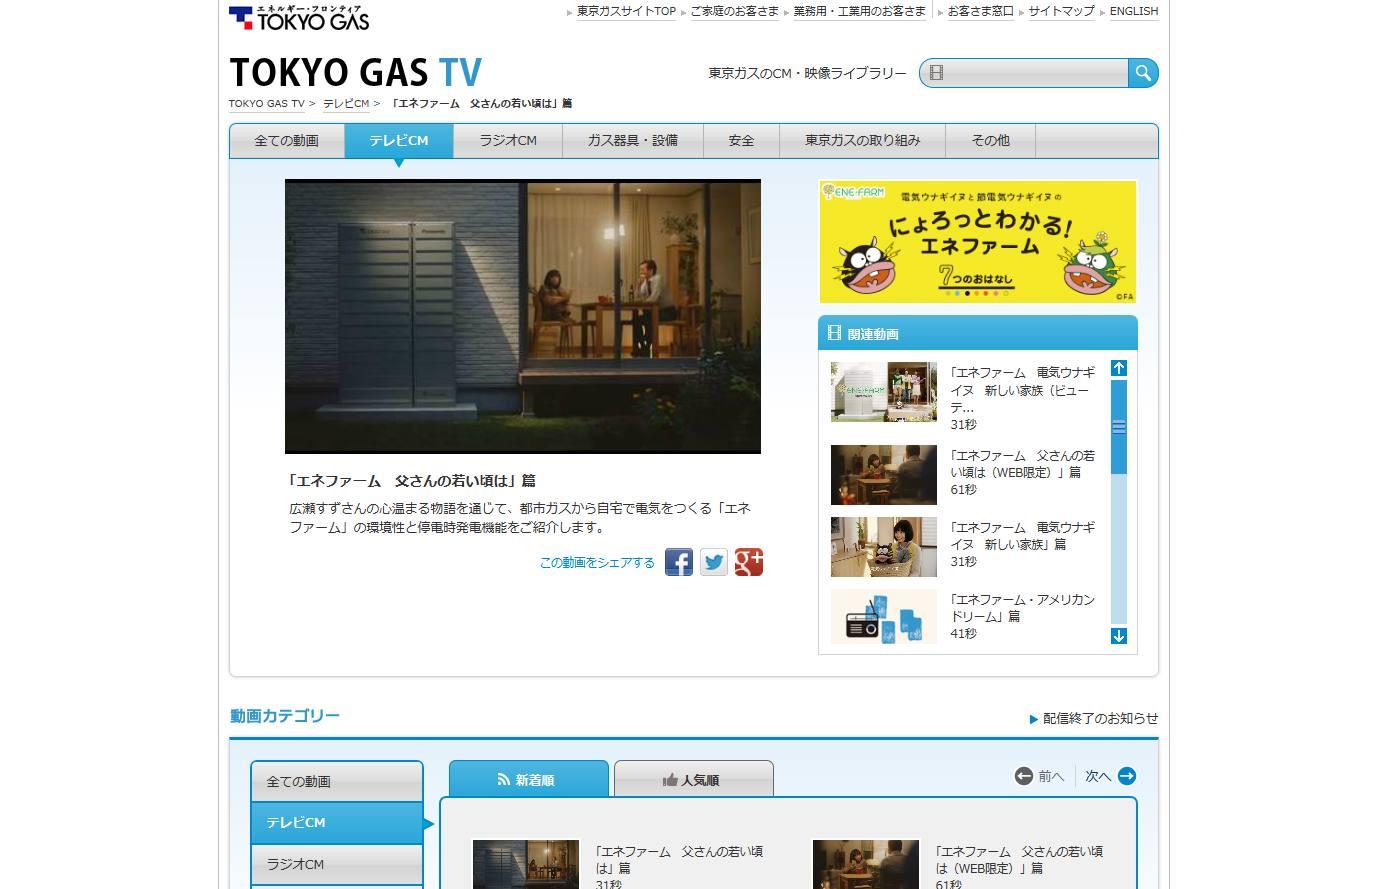 東京ガス : 東京ガスのCM・動画ライブラリー <TOKYO GAS TV>